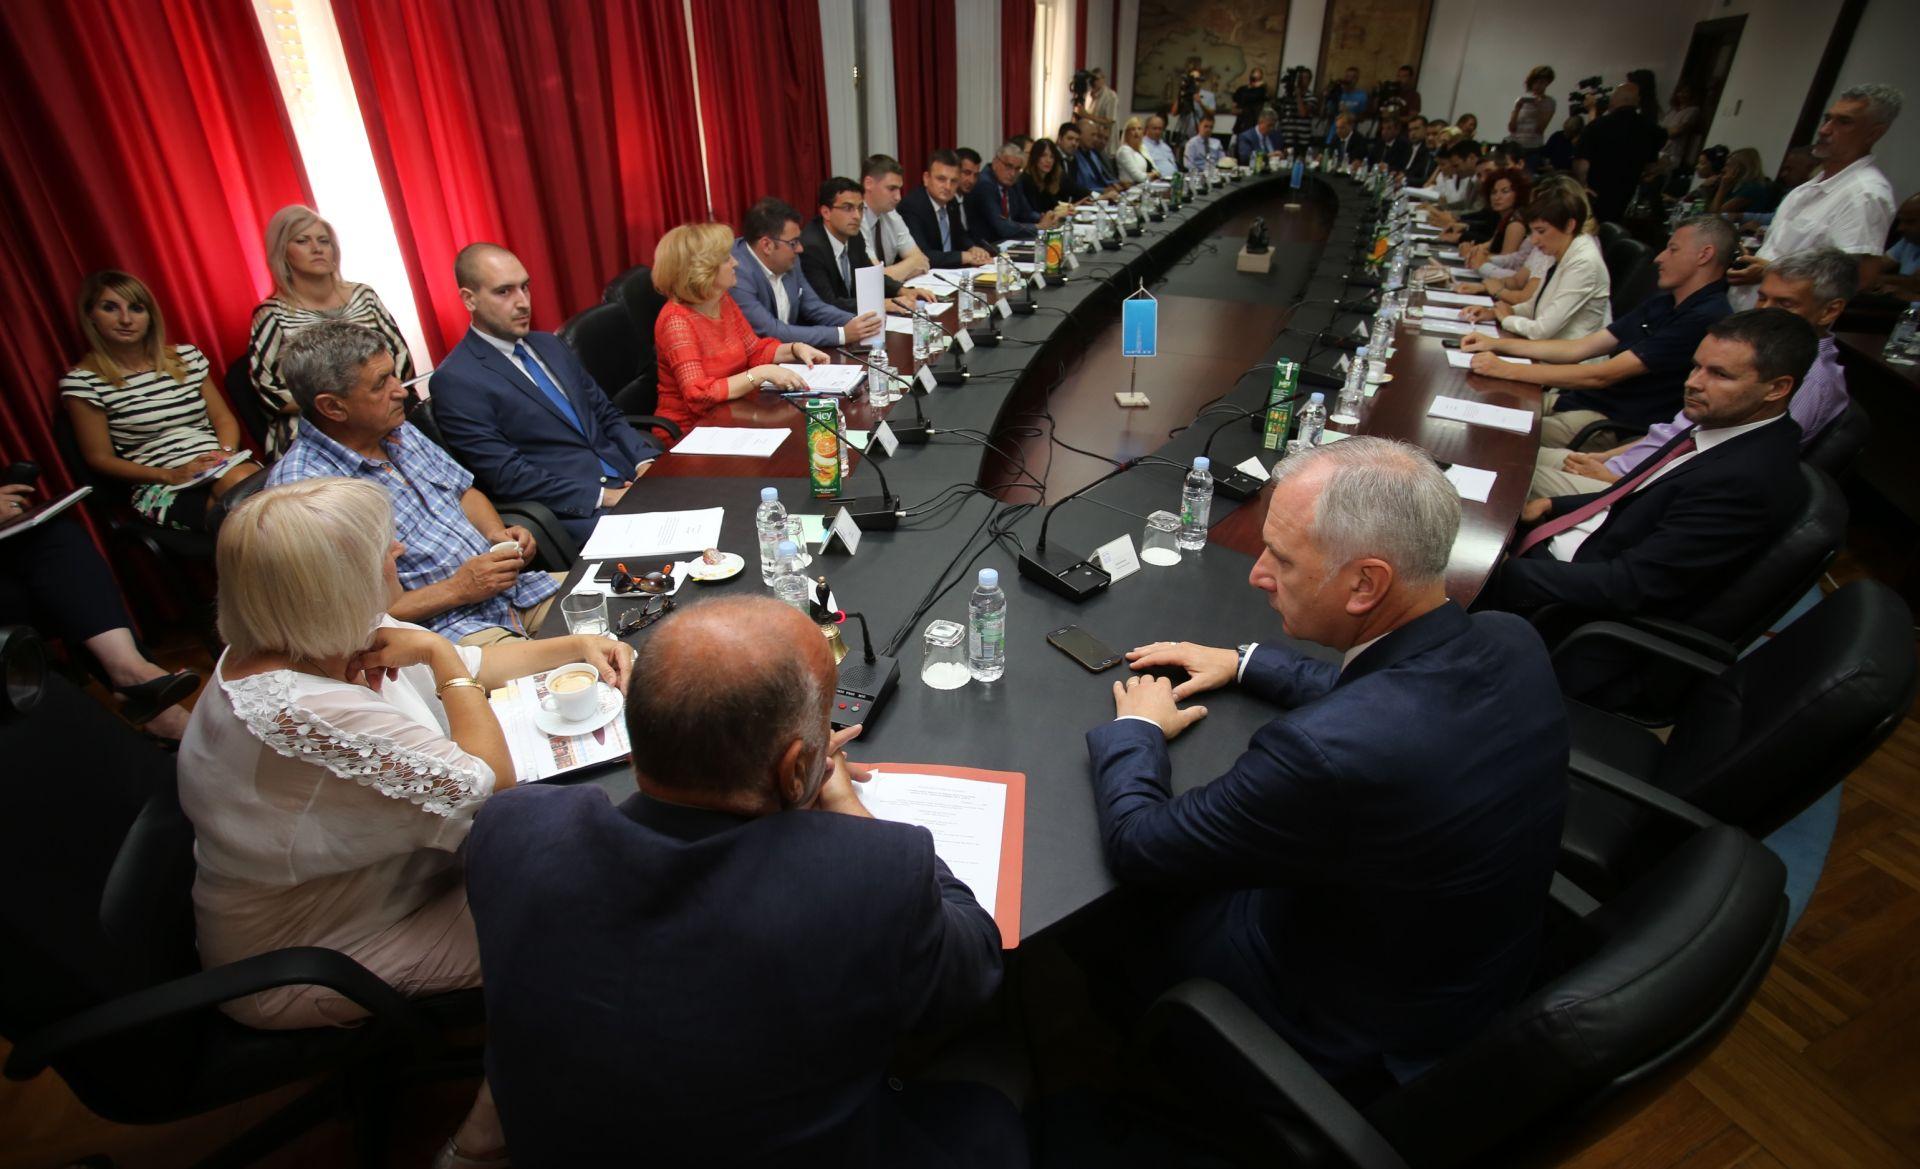 Odgođeno konstituiranje splitskog Gradskog vijeća radi koalicijskih pregovora HDZ-a i HGS-a